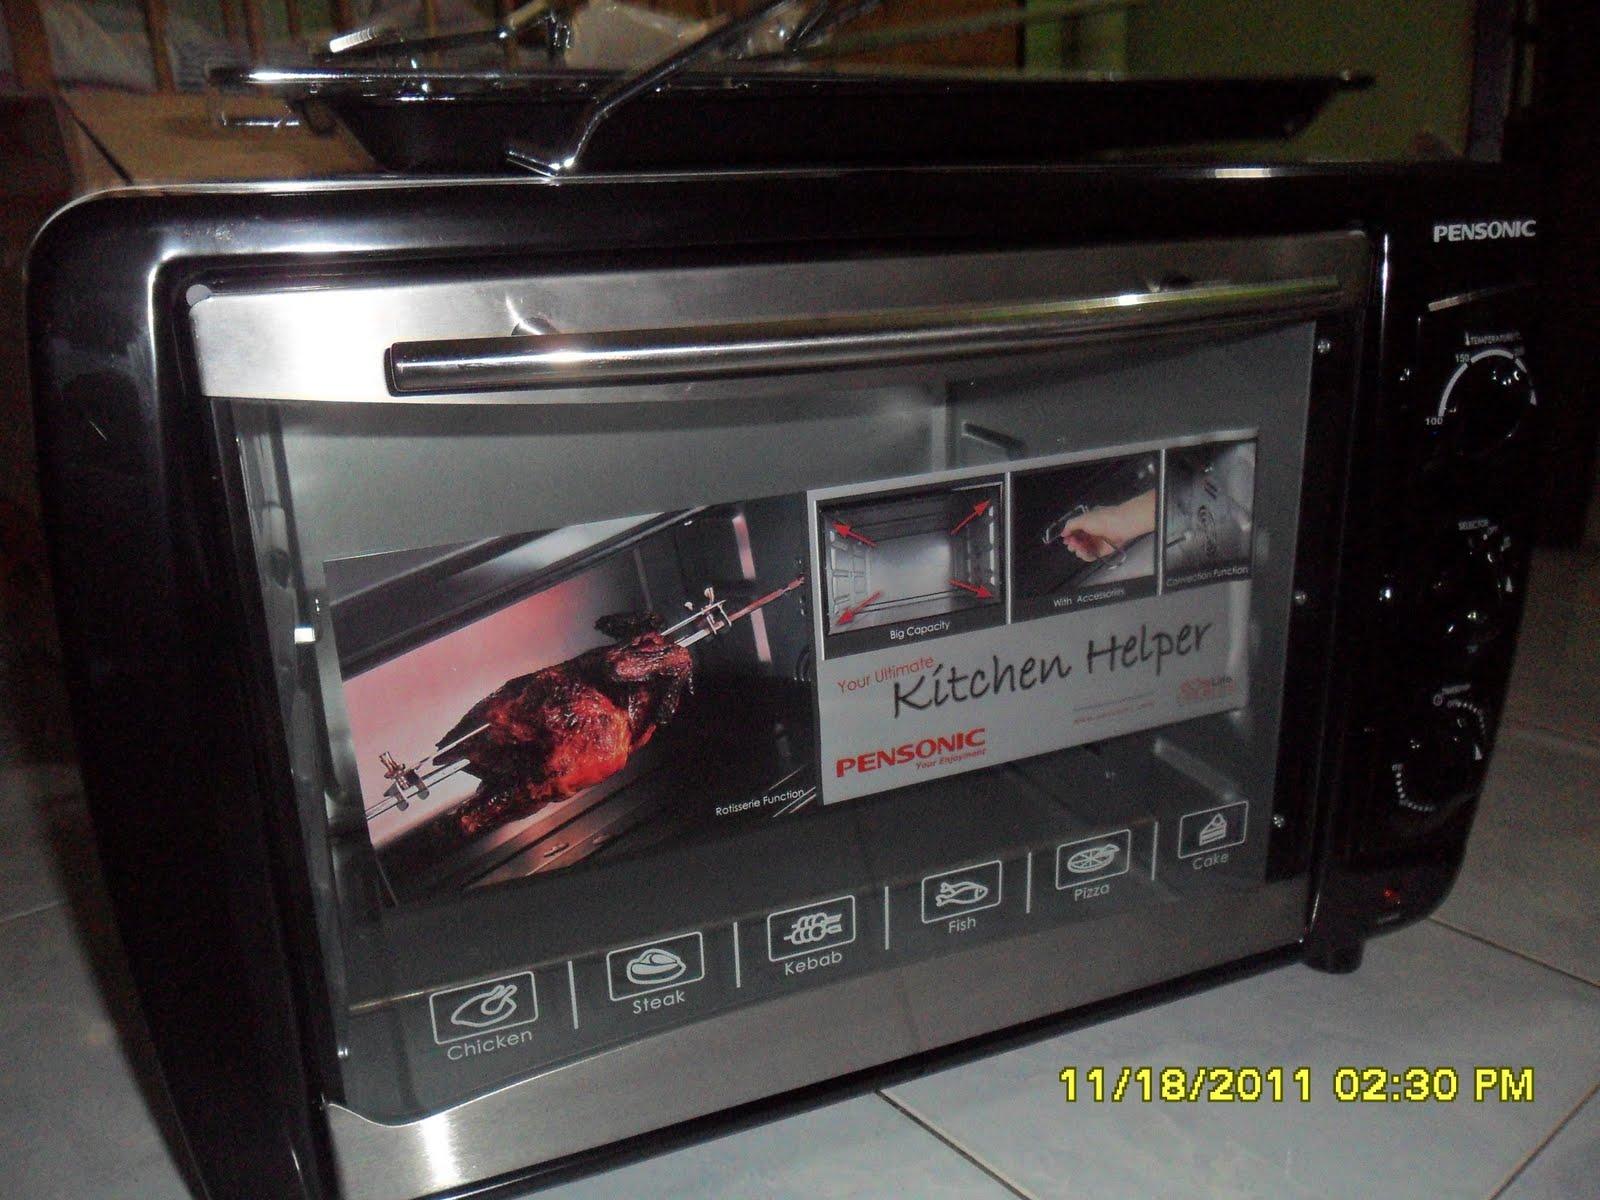 Deli Sweetsour: Dapat Oven Baru